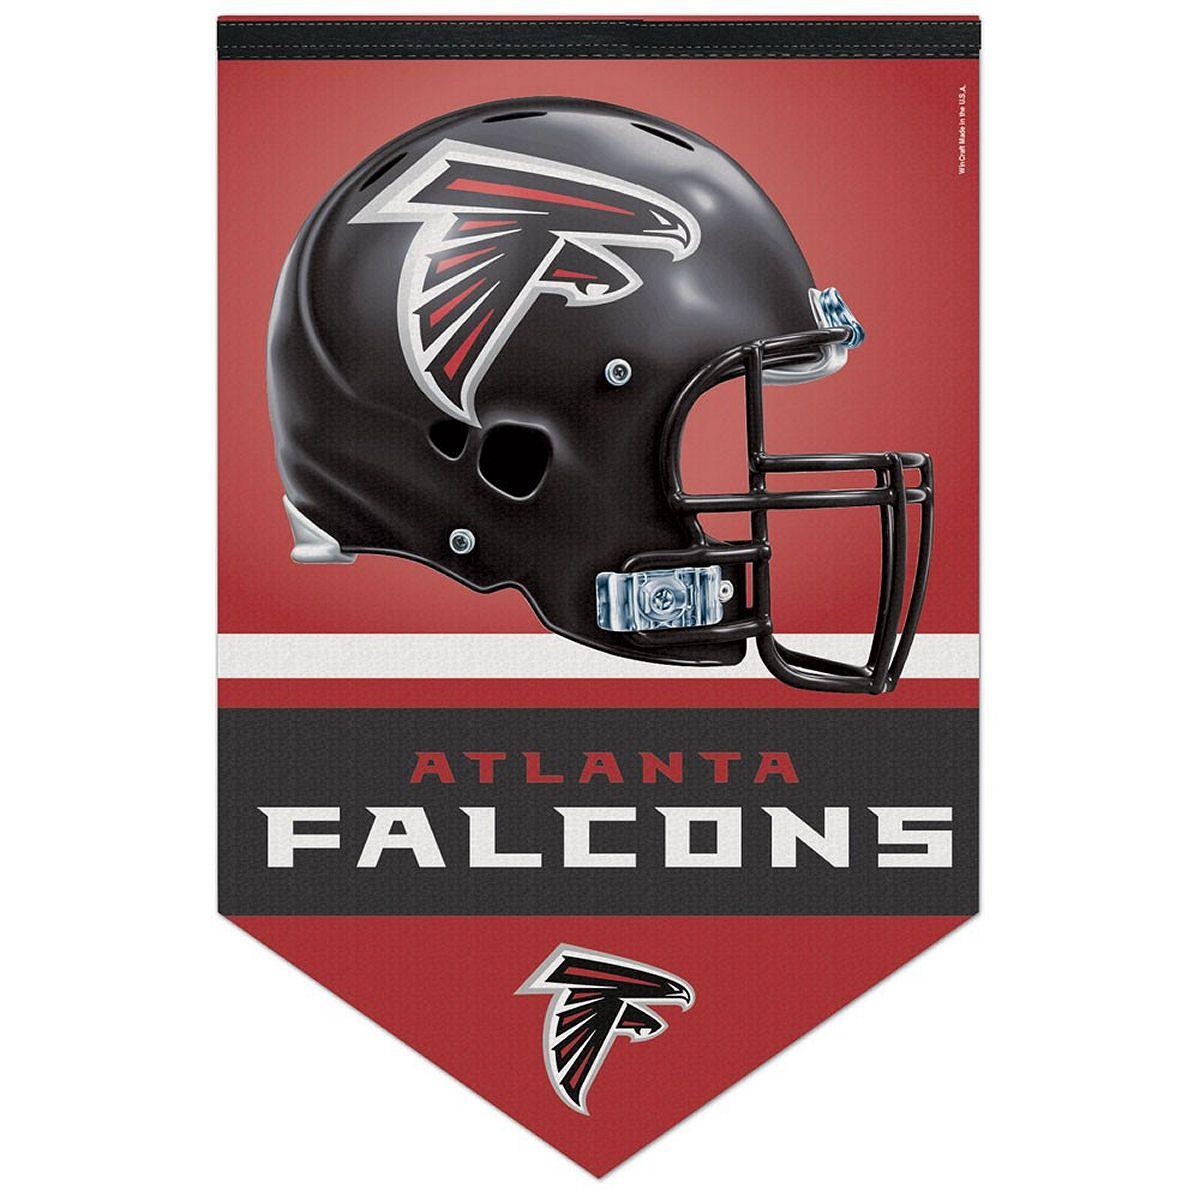 Atlanta Falcons Logo Banner And Wall Hanging 848267058262 Ebay Atlanta Falcons Gifts Atlanta Falcons Atlanta Falcons Logo